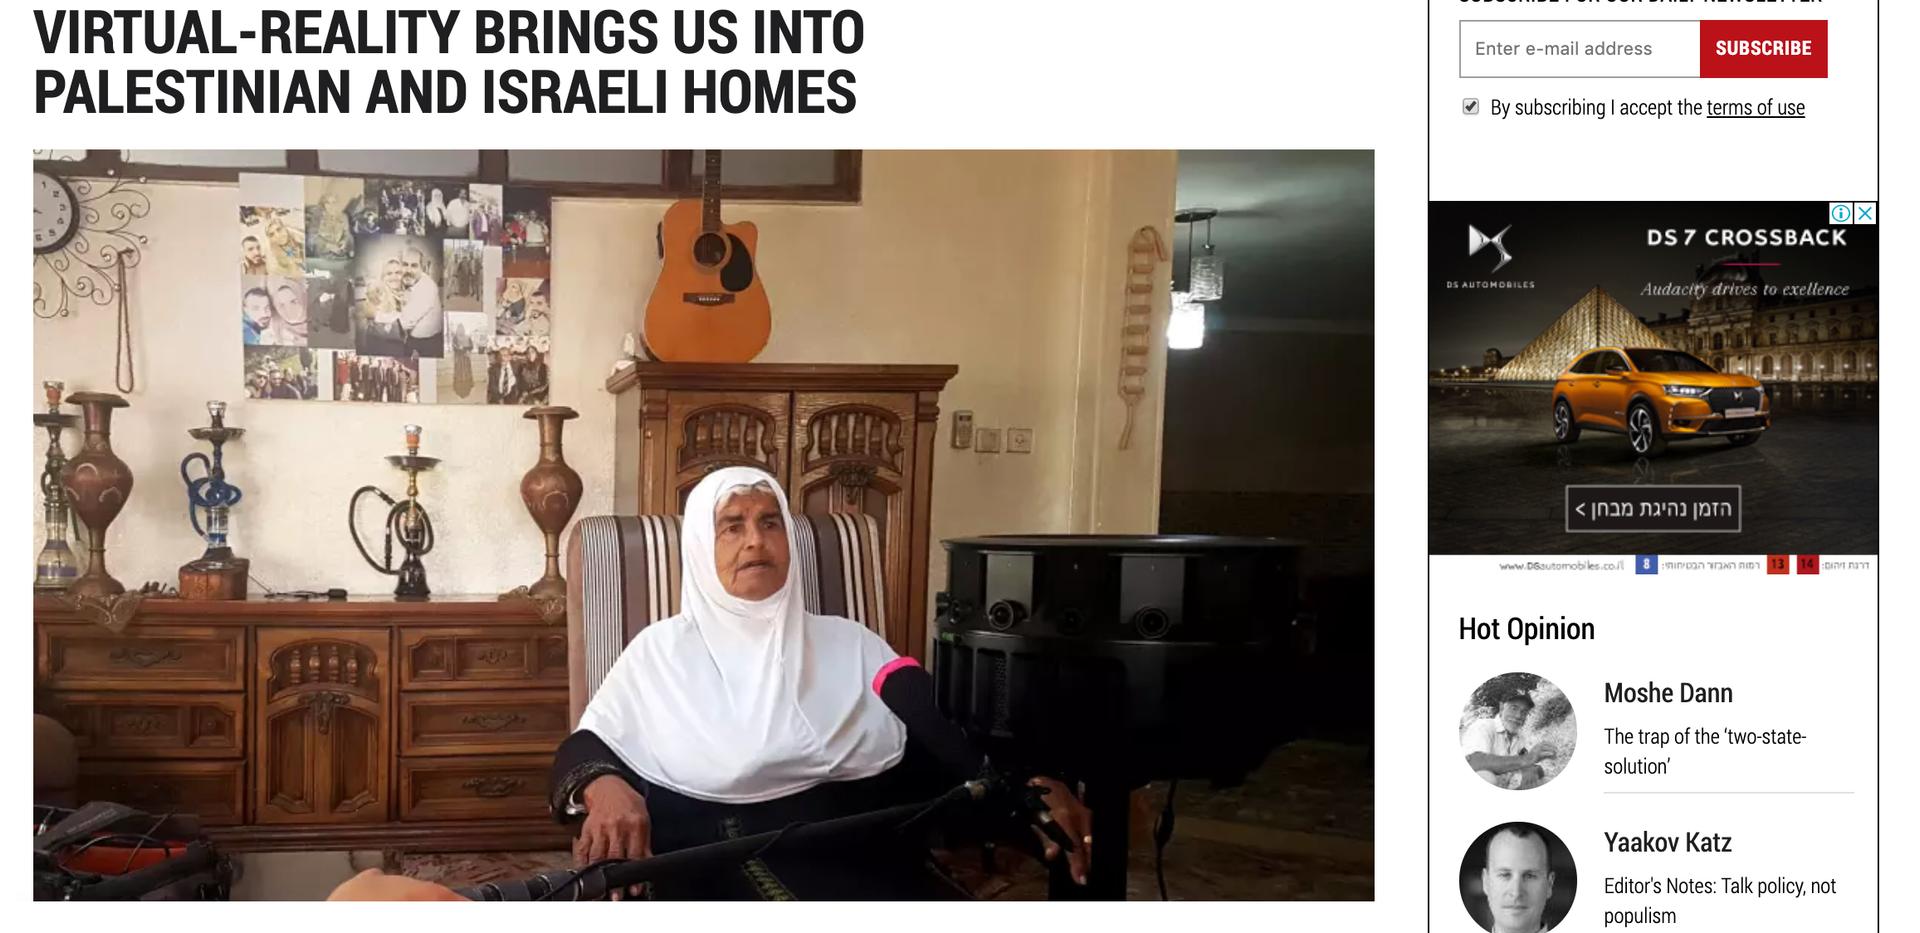 The Jerusalem Post - July 14, 2019